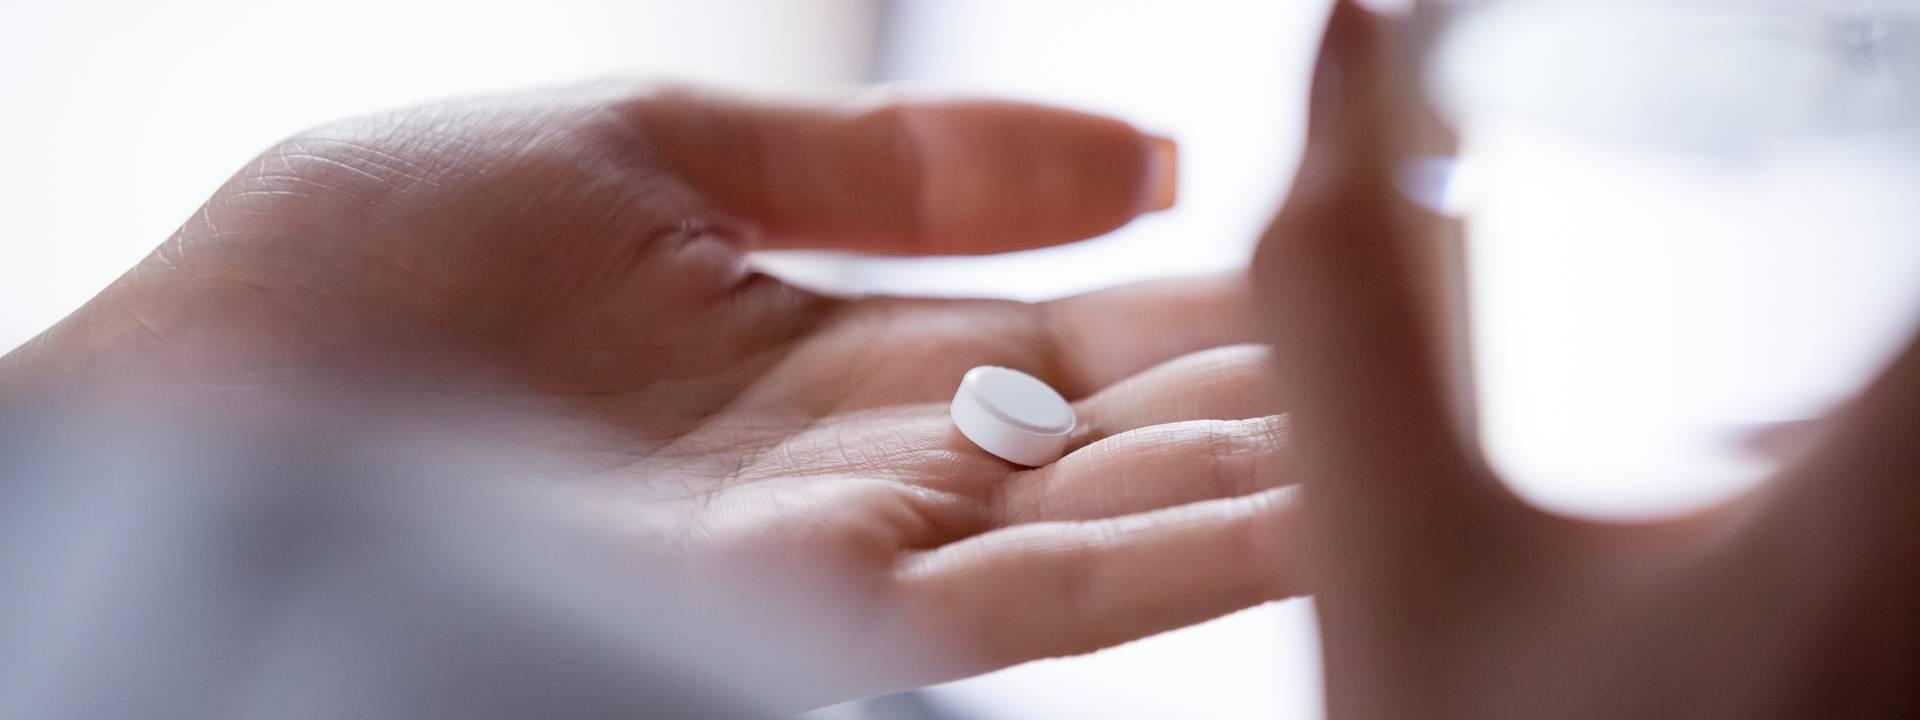 Erfahrungsberichte sterilisation schwanger trotz Schwanger trotz